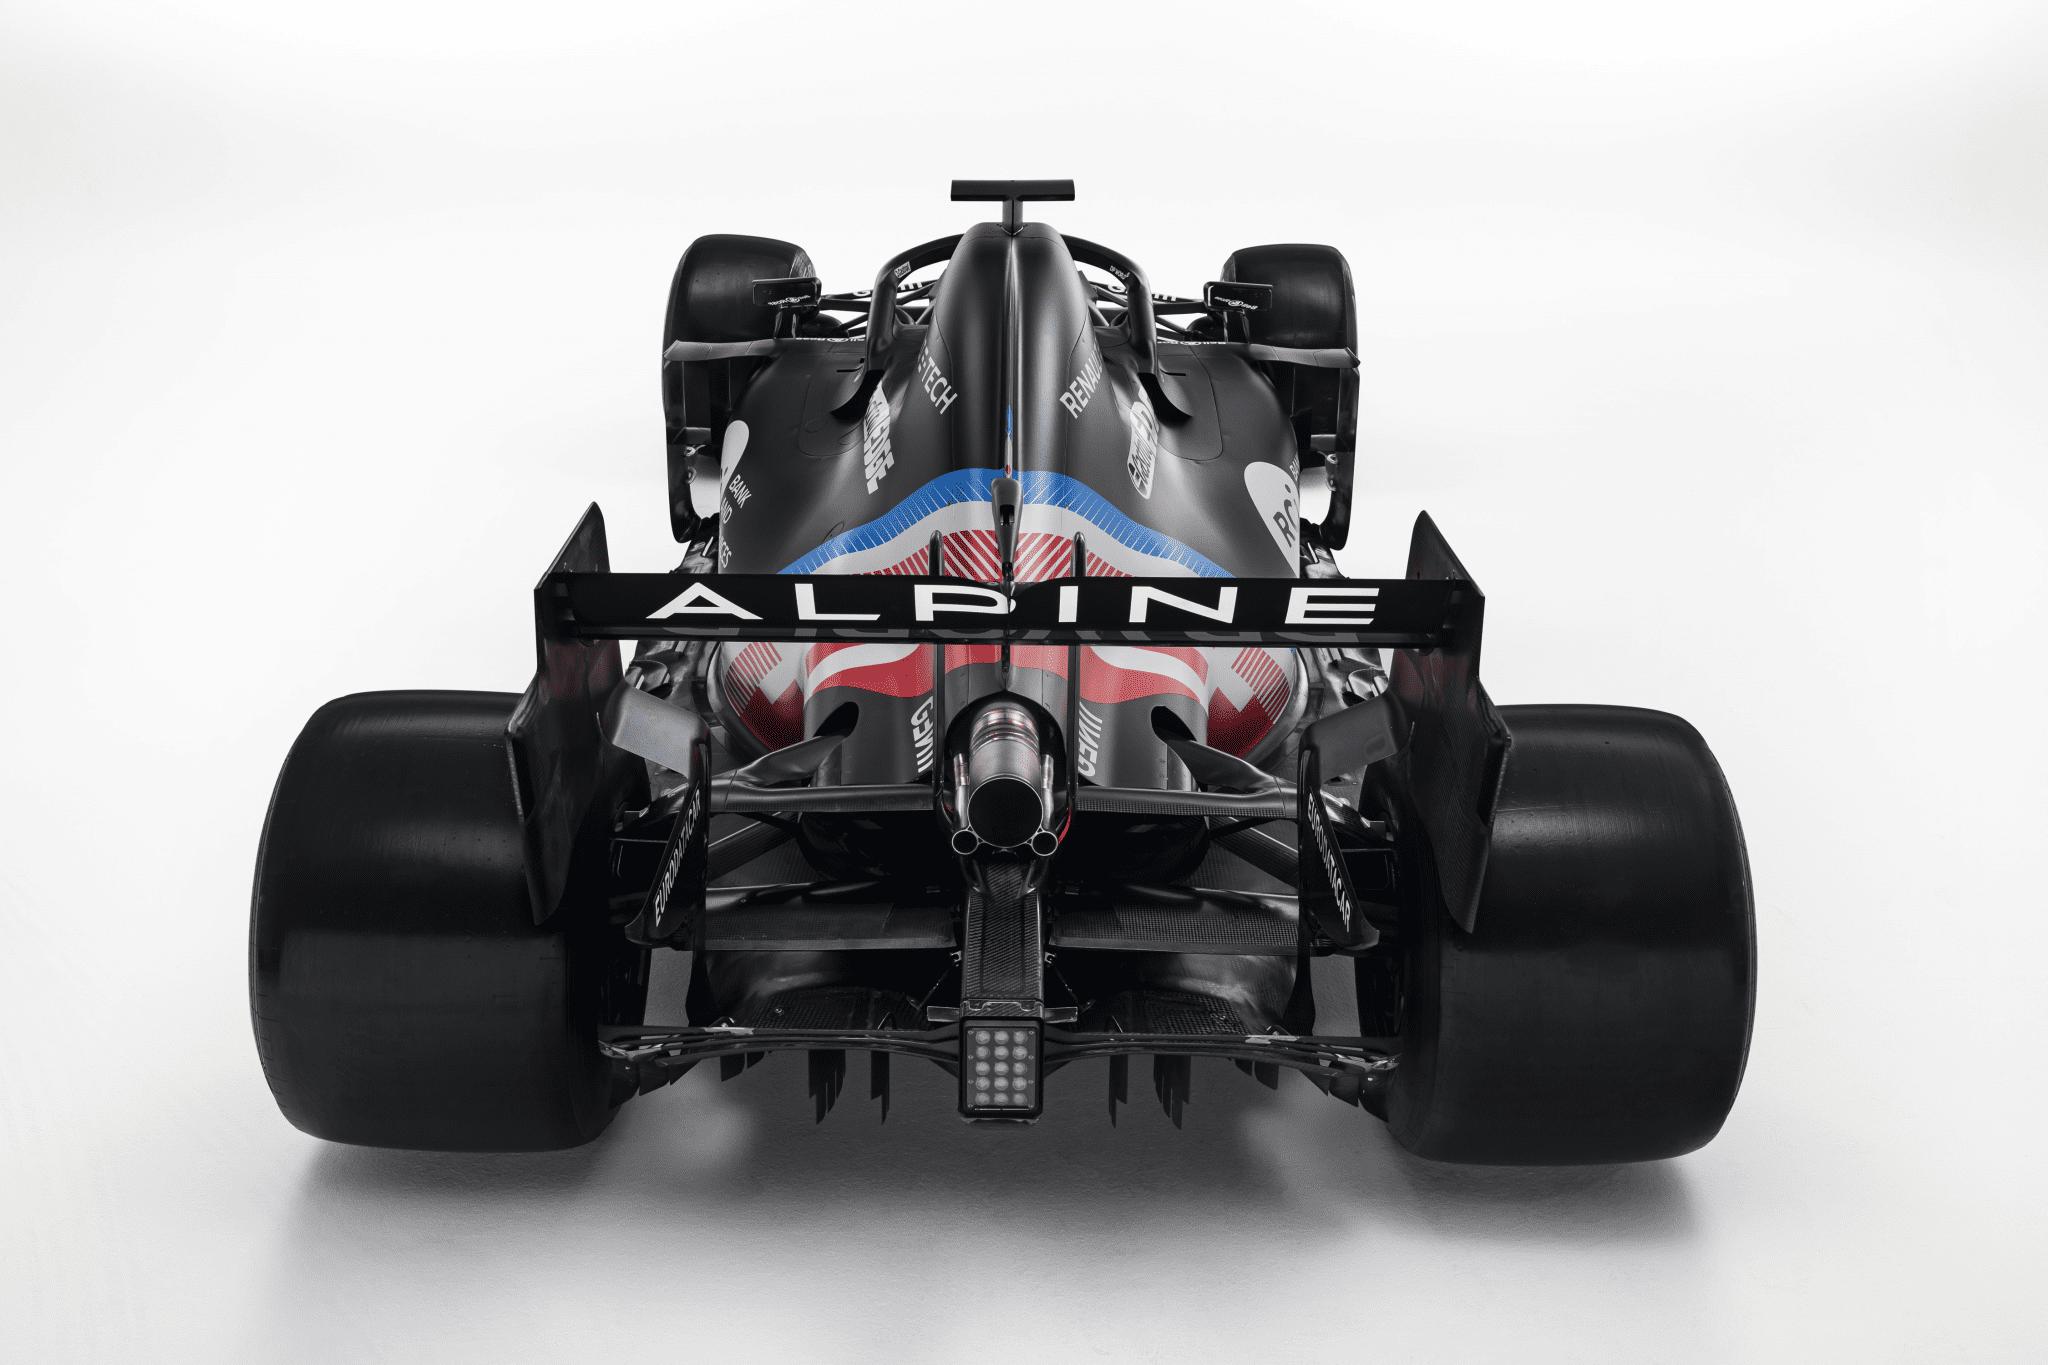 Alpine F1 interim livery